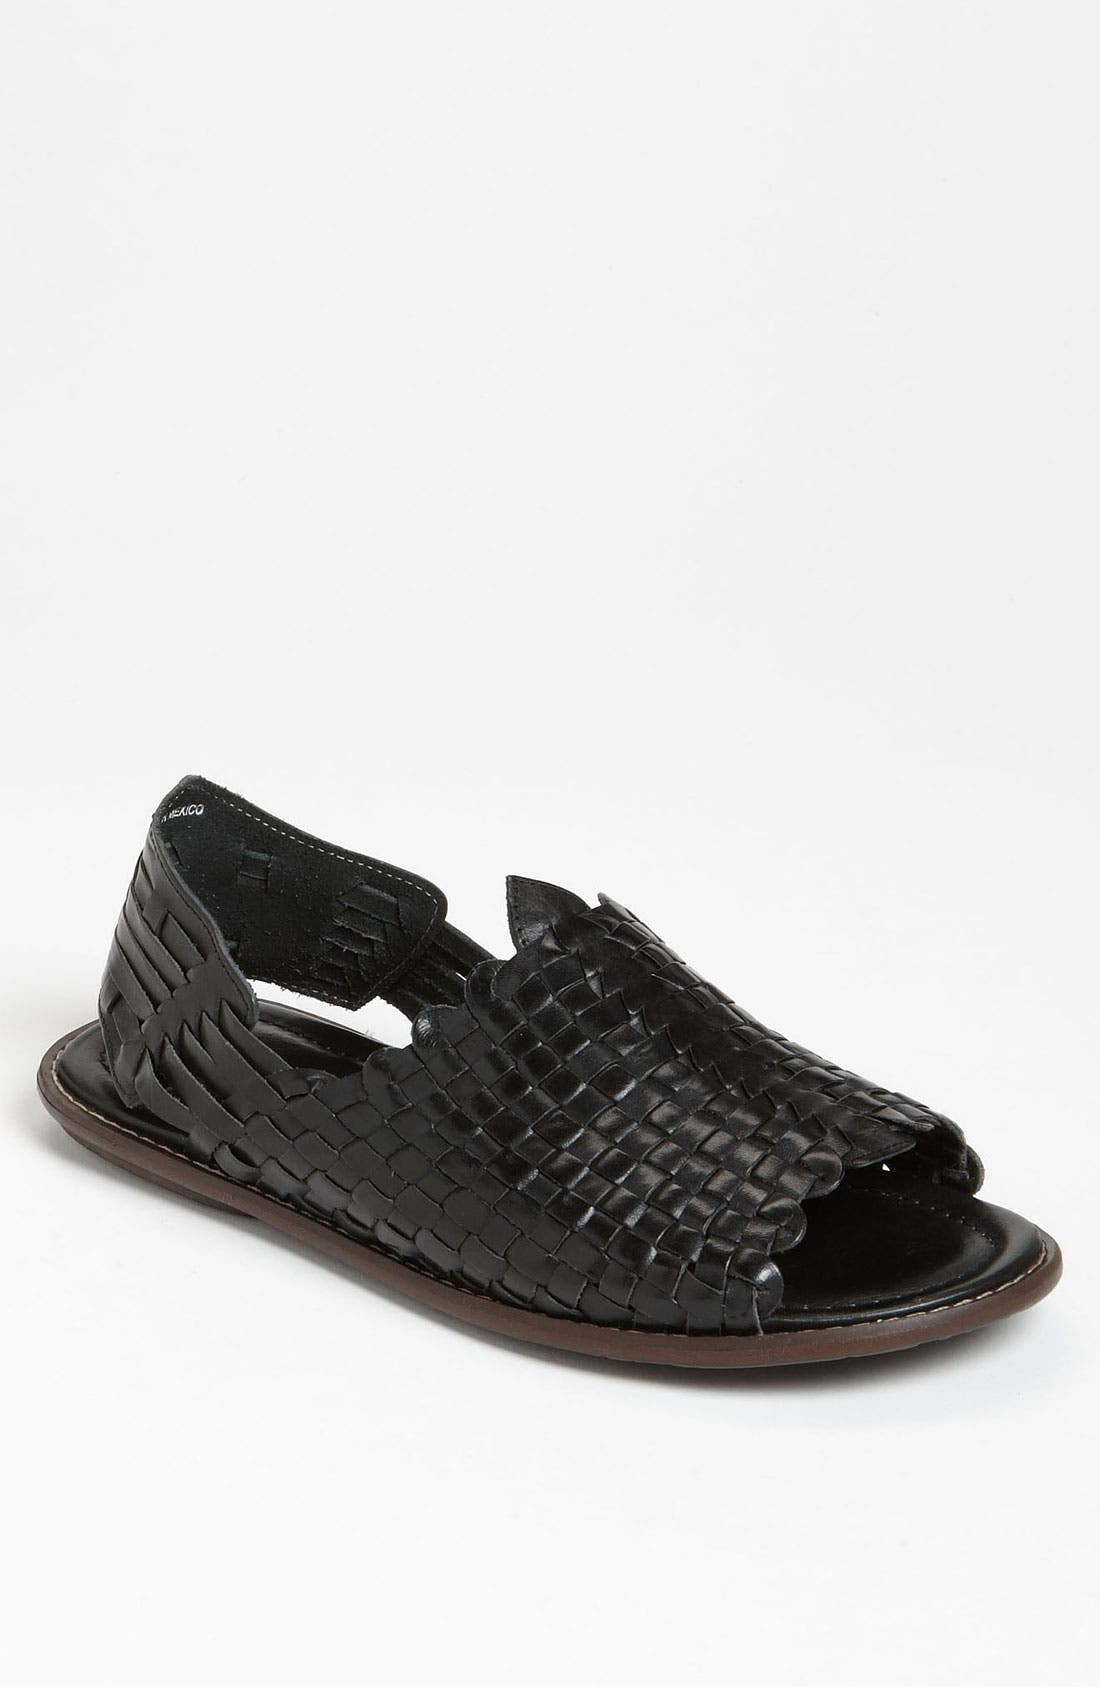 Alternate Image 1 Selected - Bed Stu 'El Principe' Huarache Sandal (Online Only) (Men)